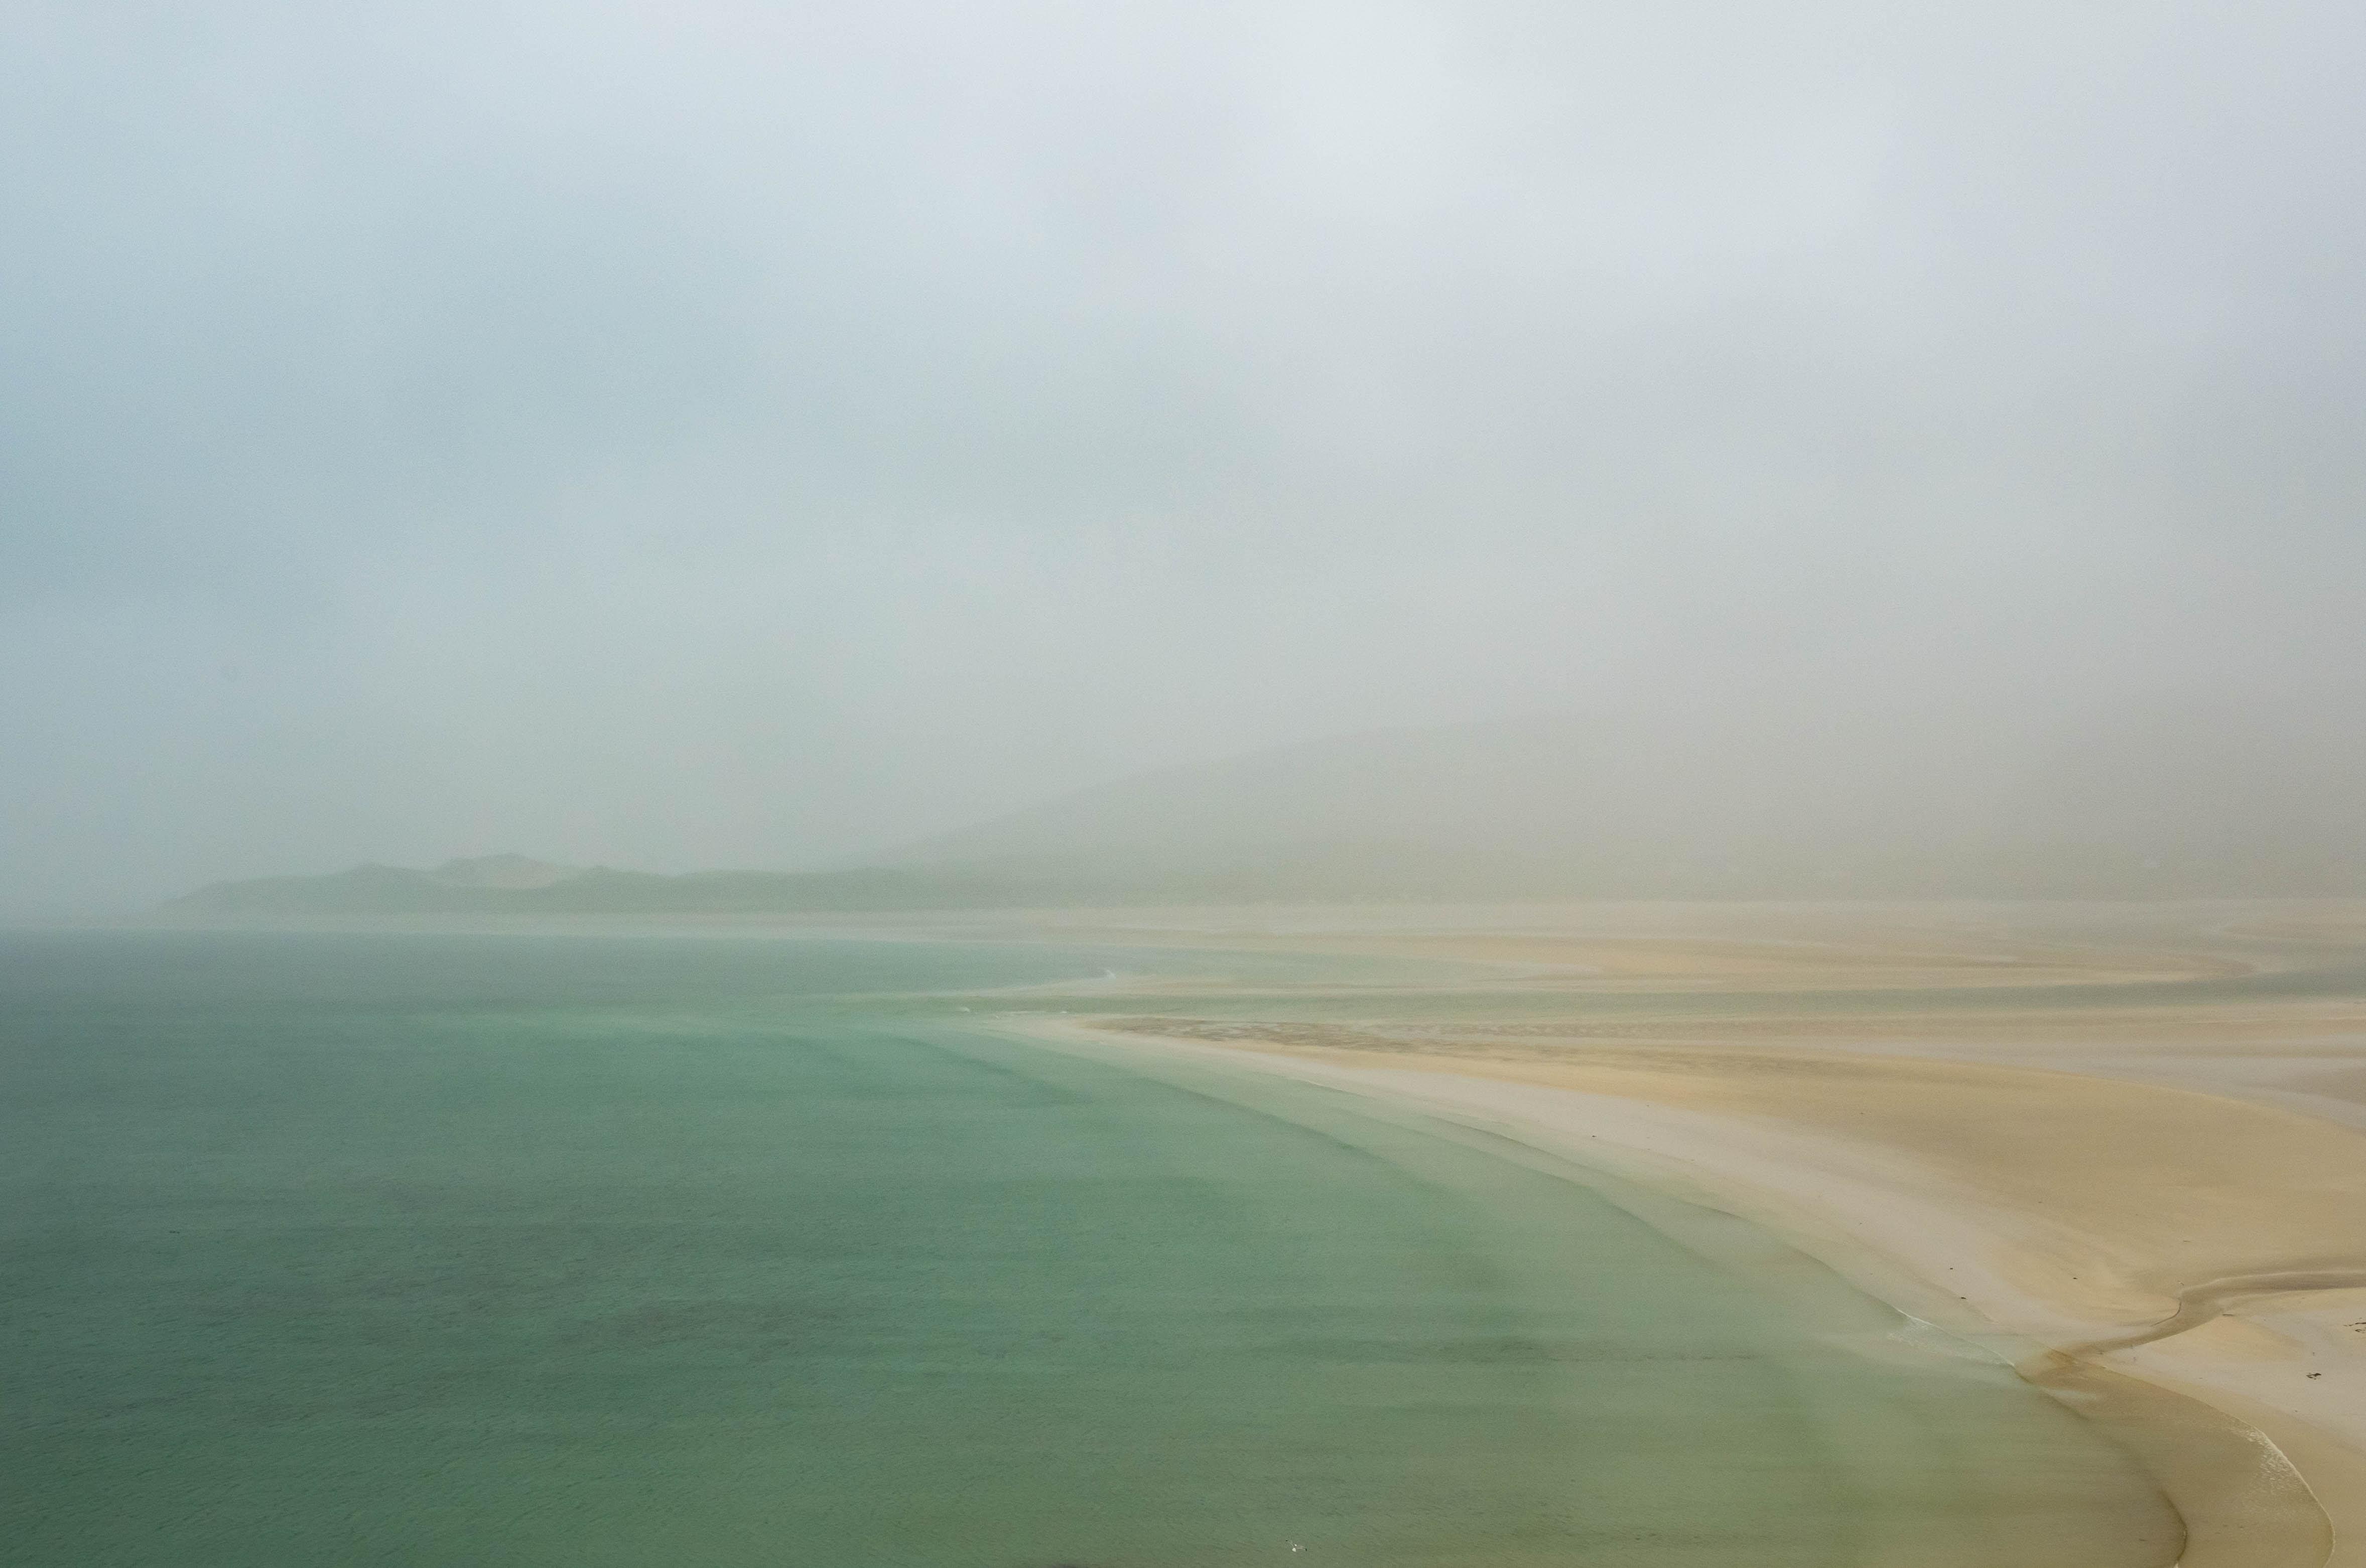 ocean waters beside coastline